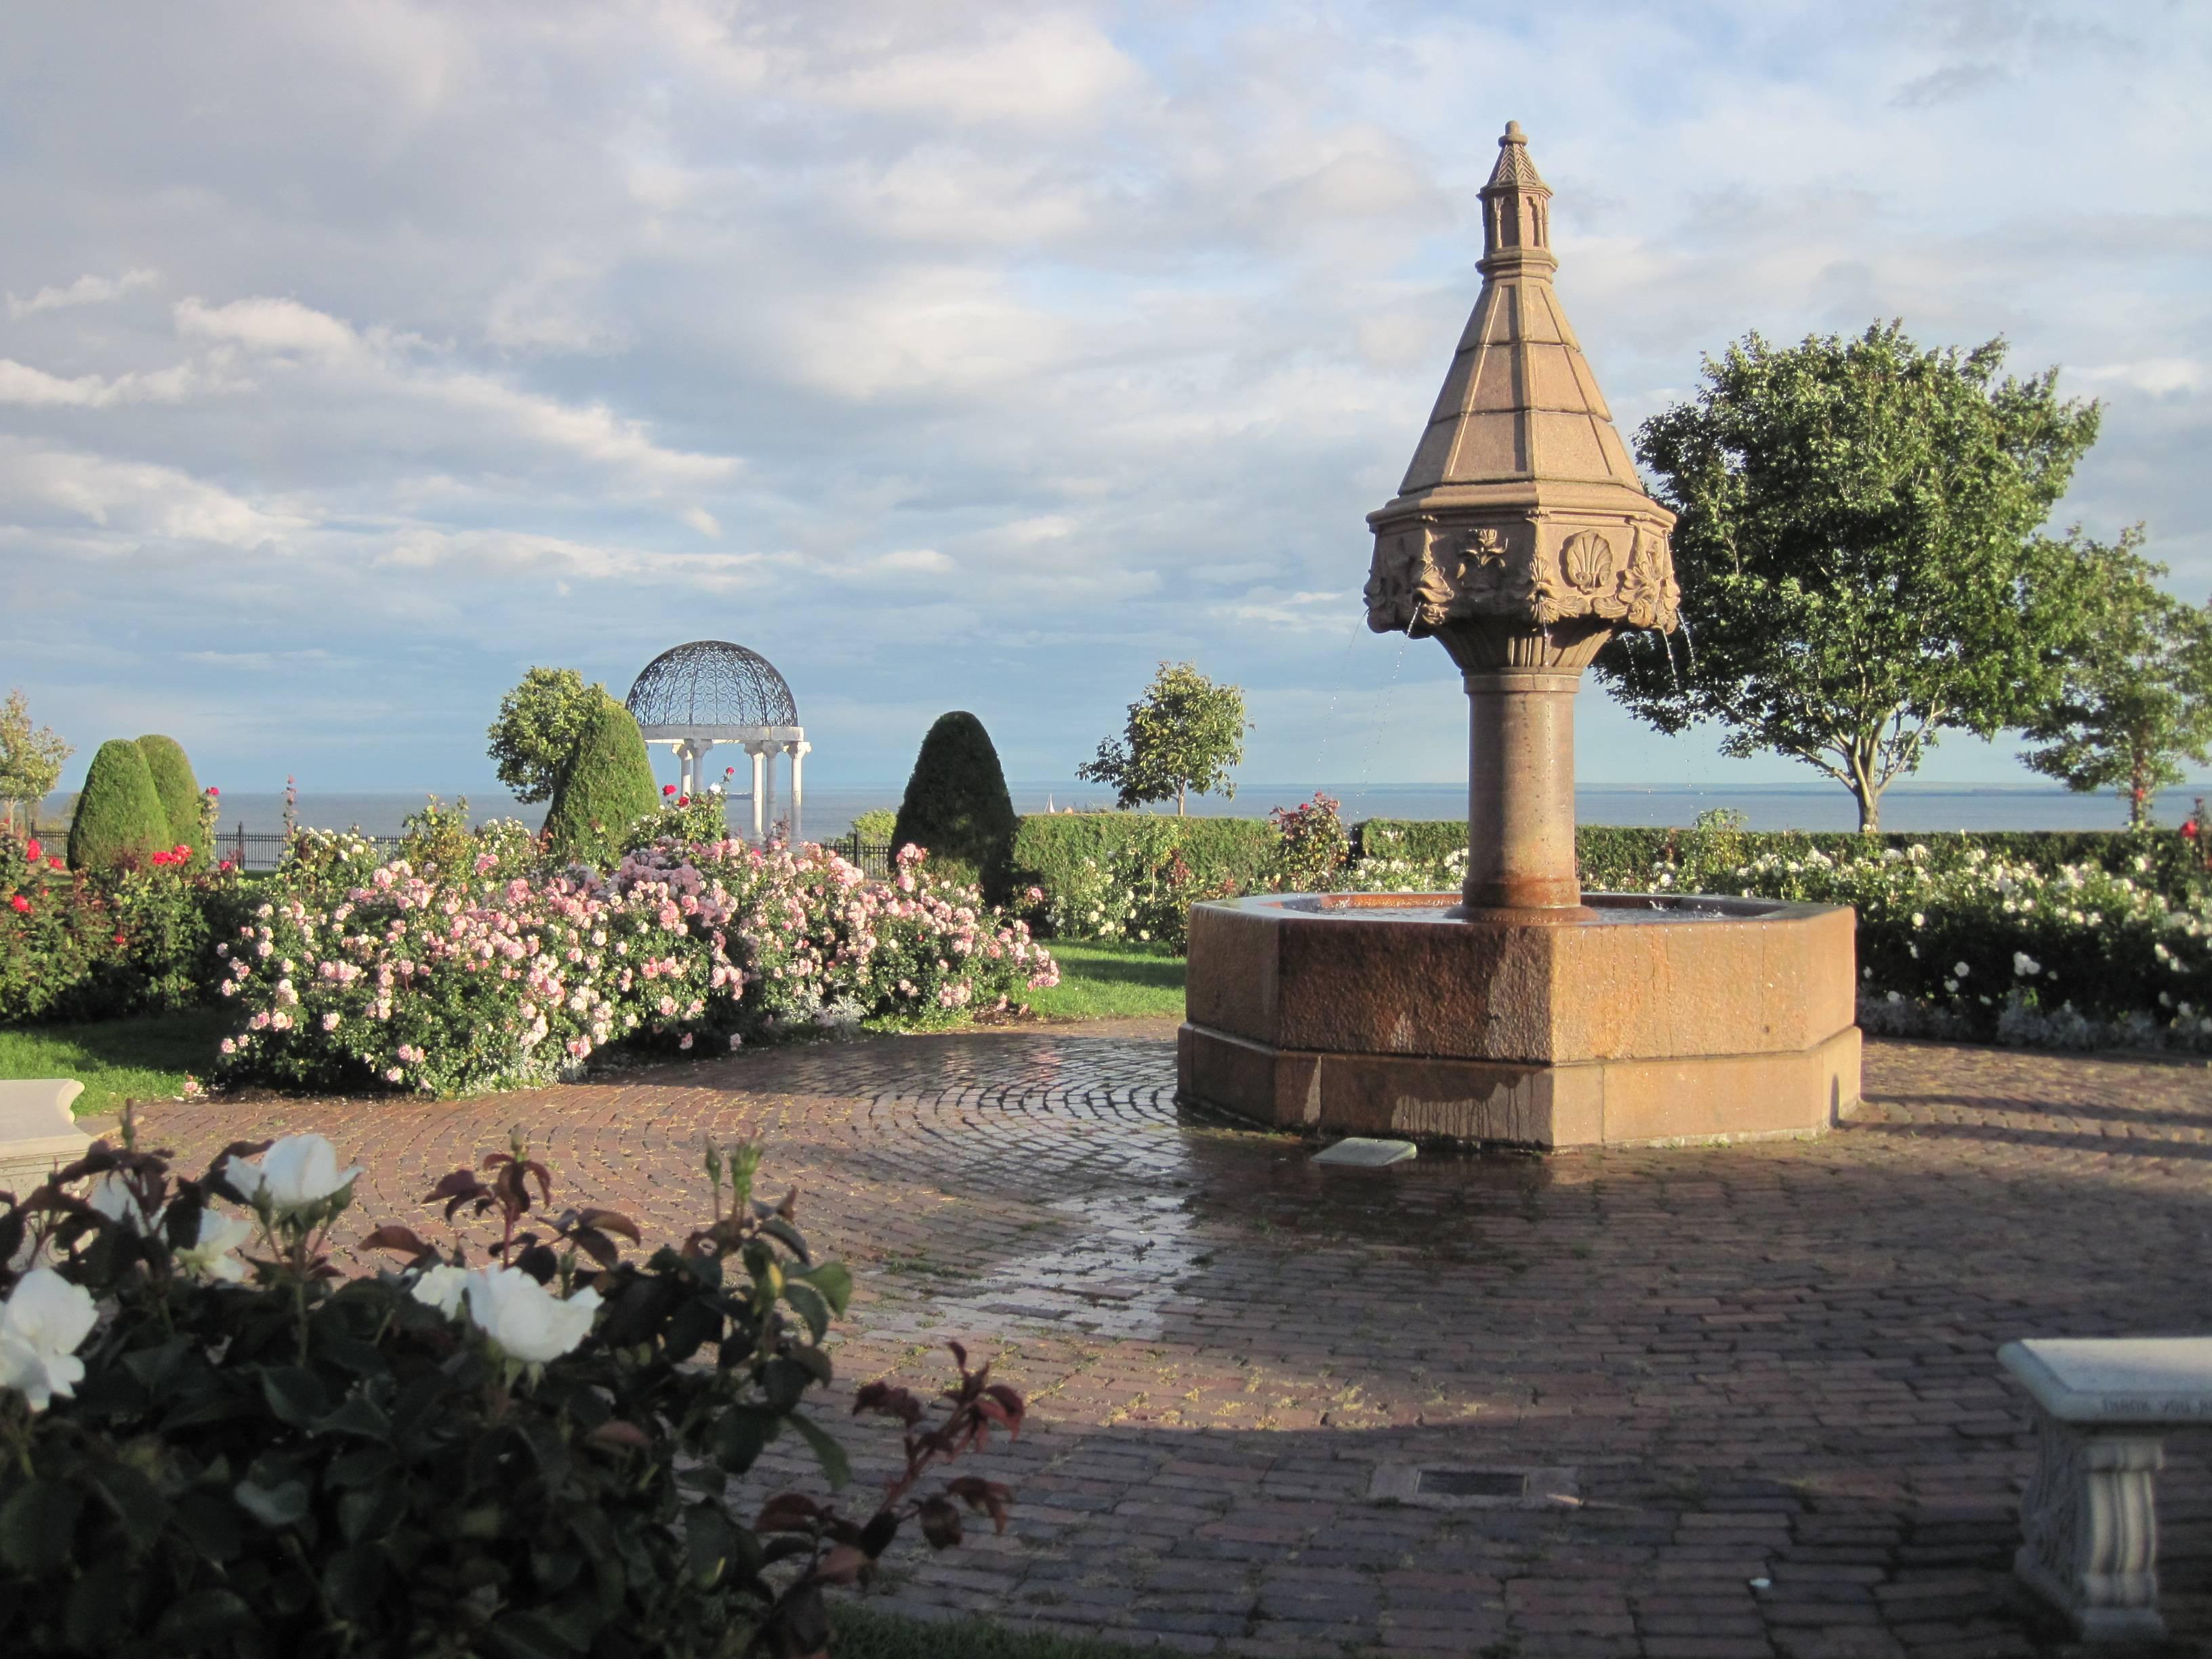 Leif Erikson Rose Garden with Horse Fountain